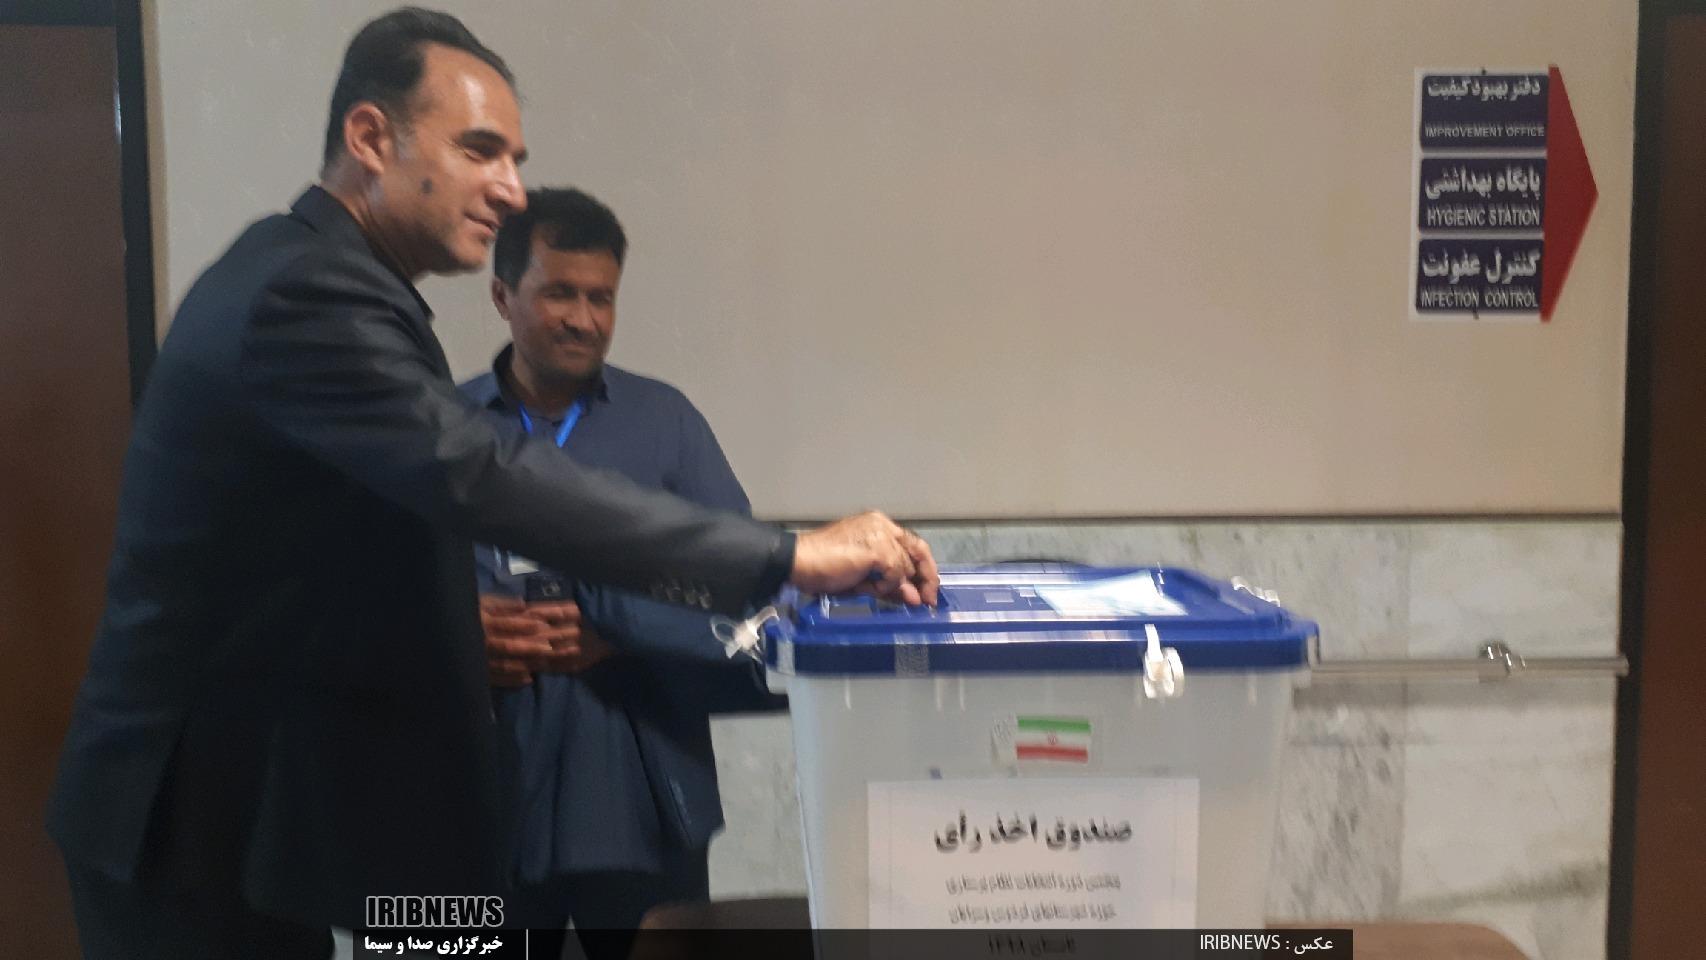 انتخابات نظام پرستاری همزمان با سراسر کشور در فردوس